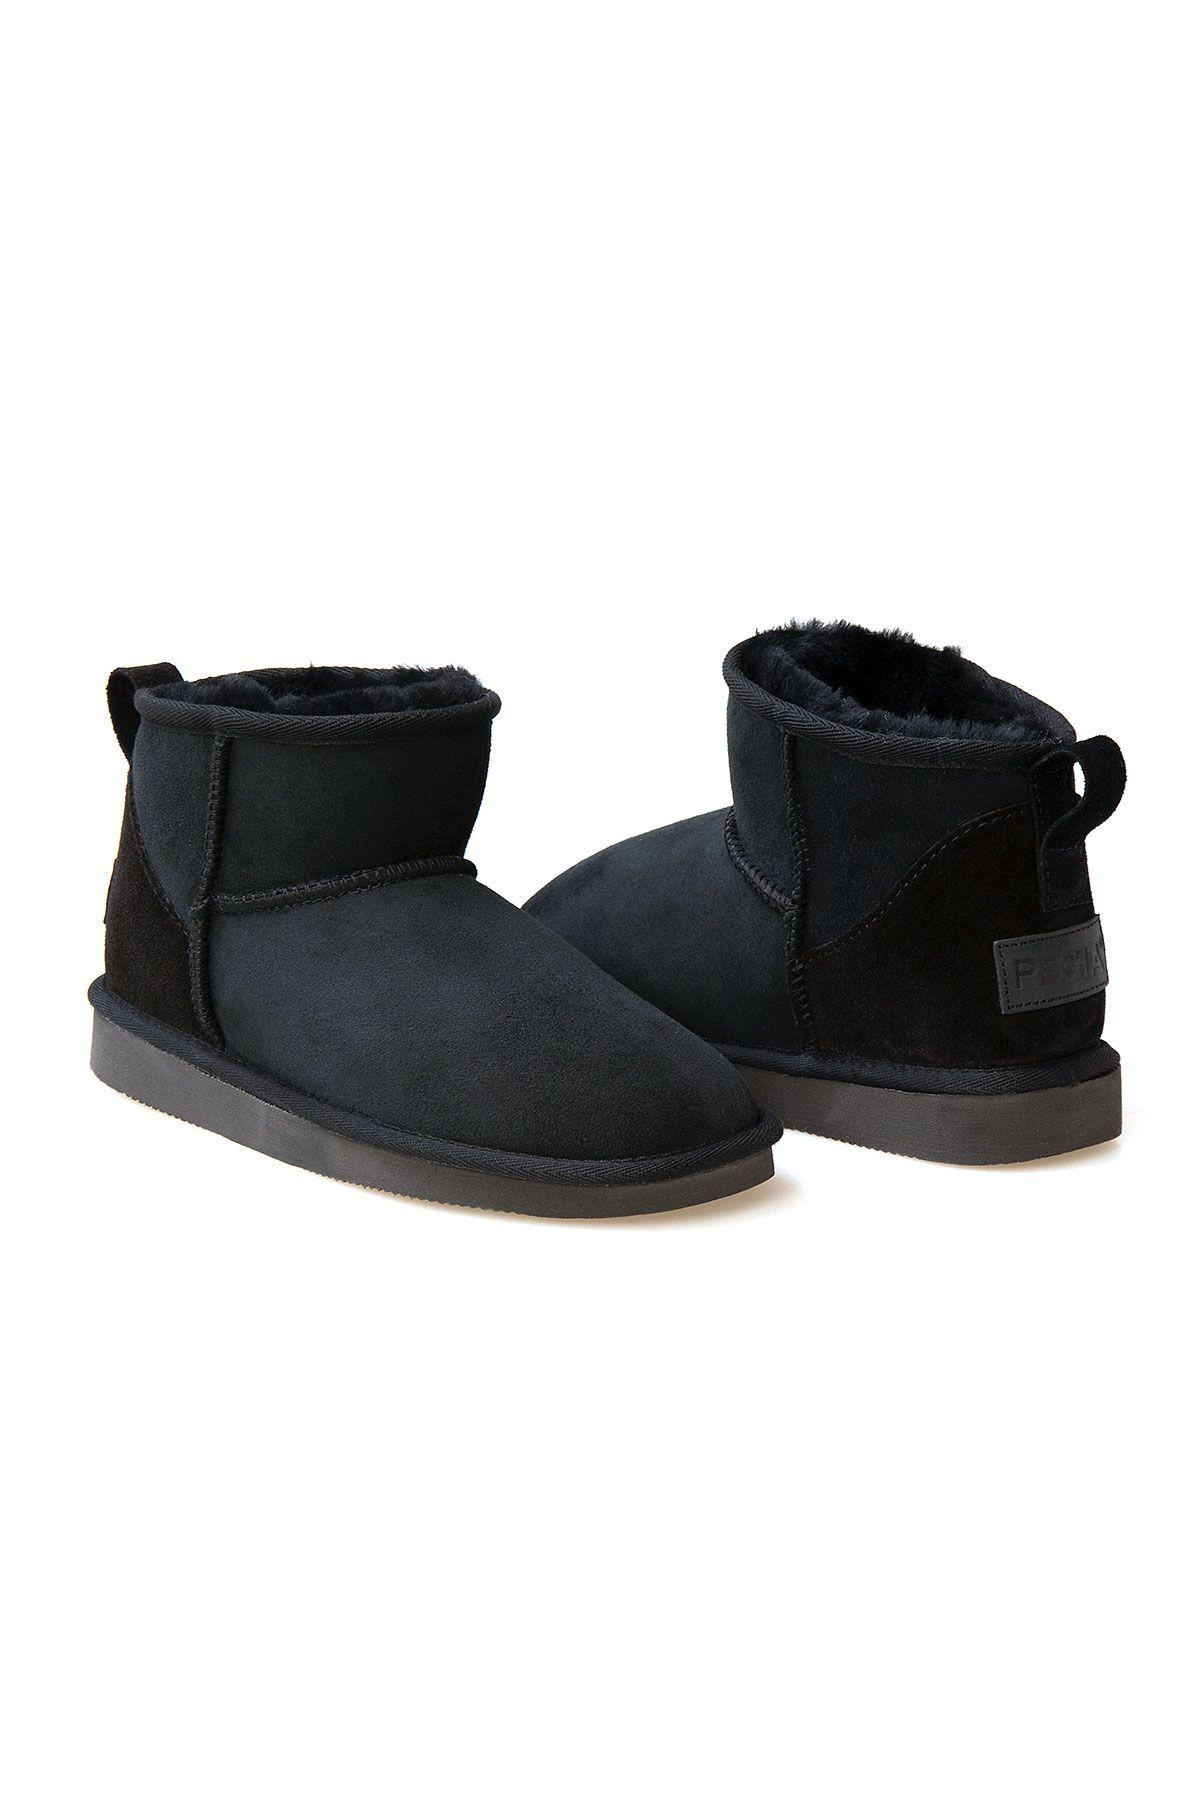 Pegia Genuine Suede Women's Mini Boots 191130 Black